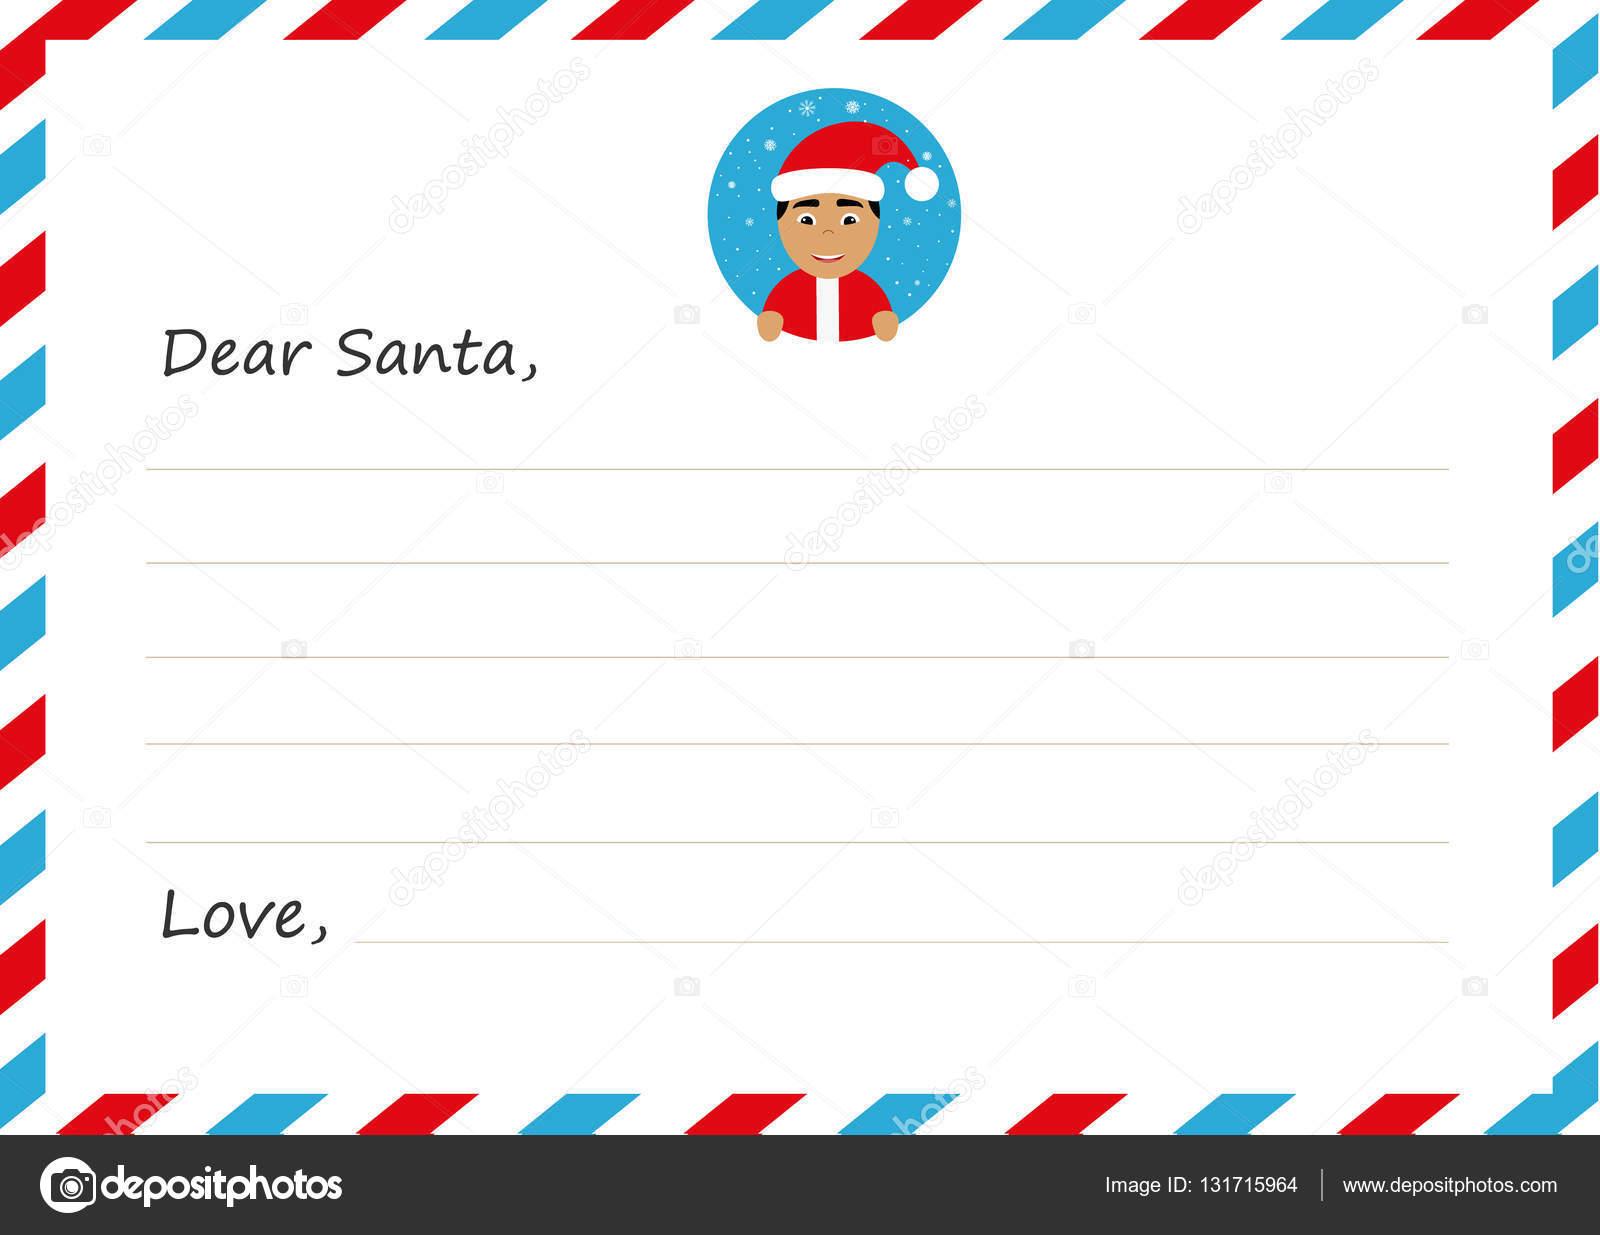 テンプレート封筒新年の手紙アイコンとかわいいアジアのサンタ クロース